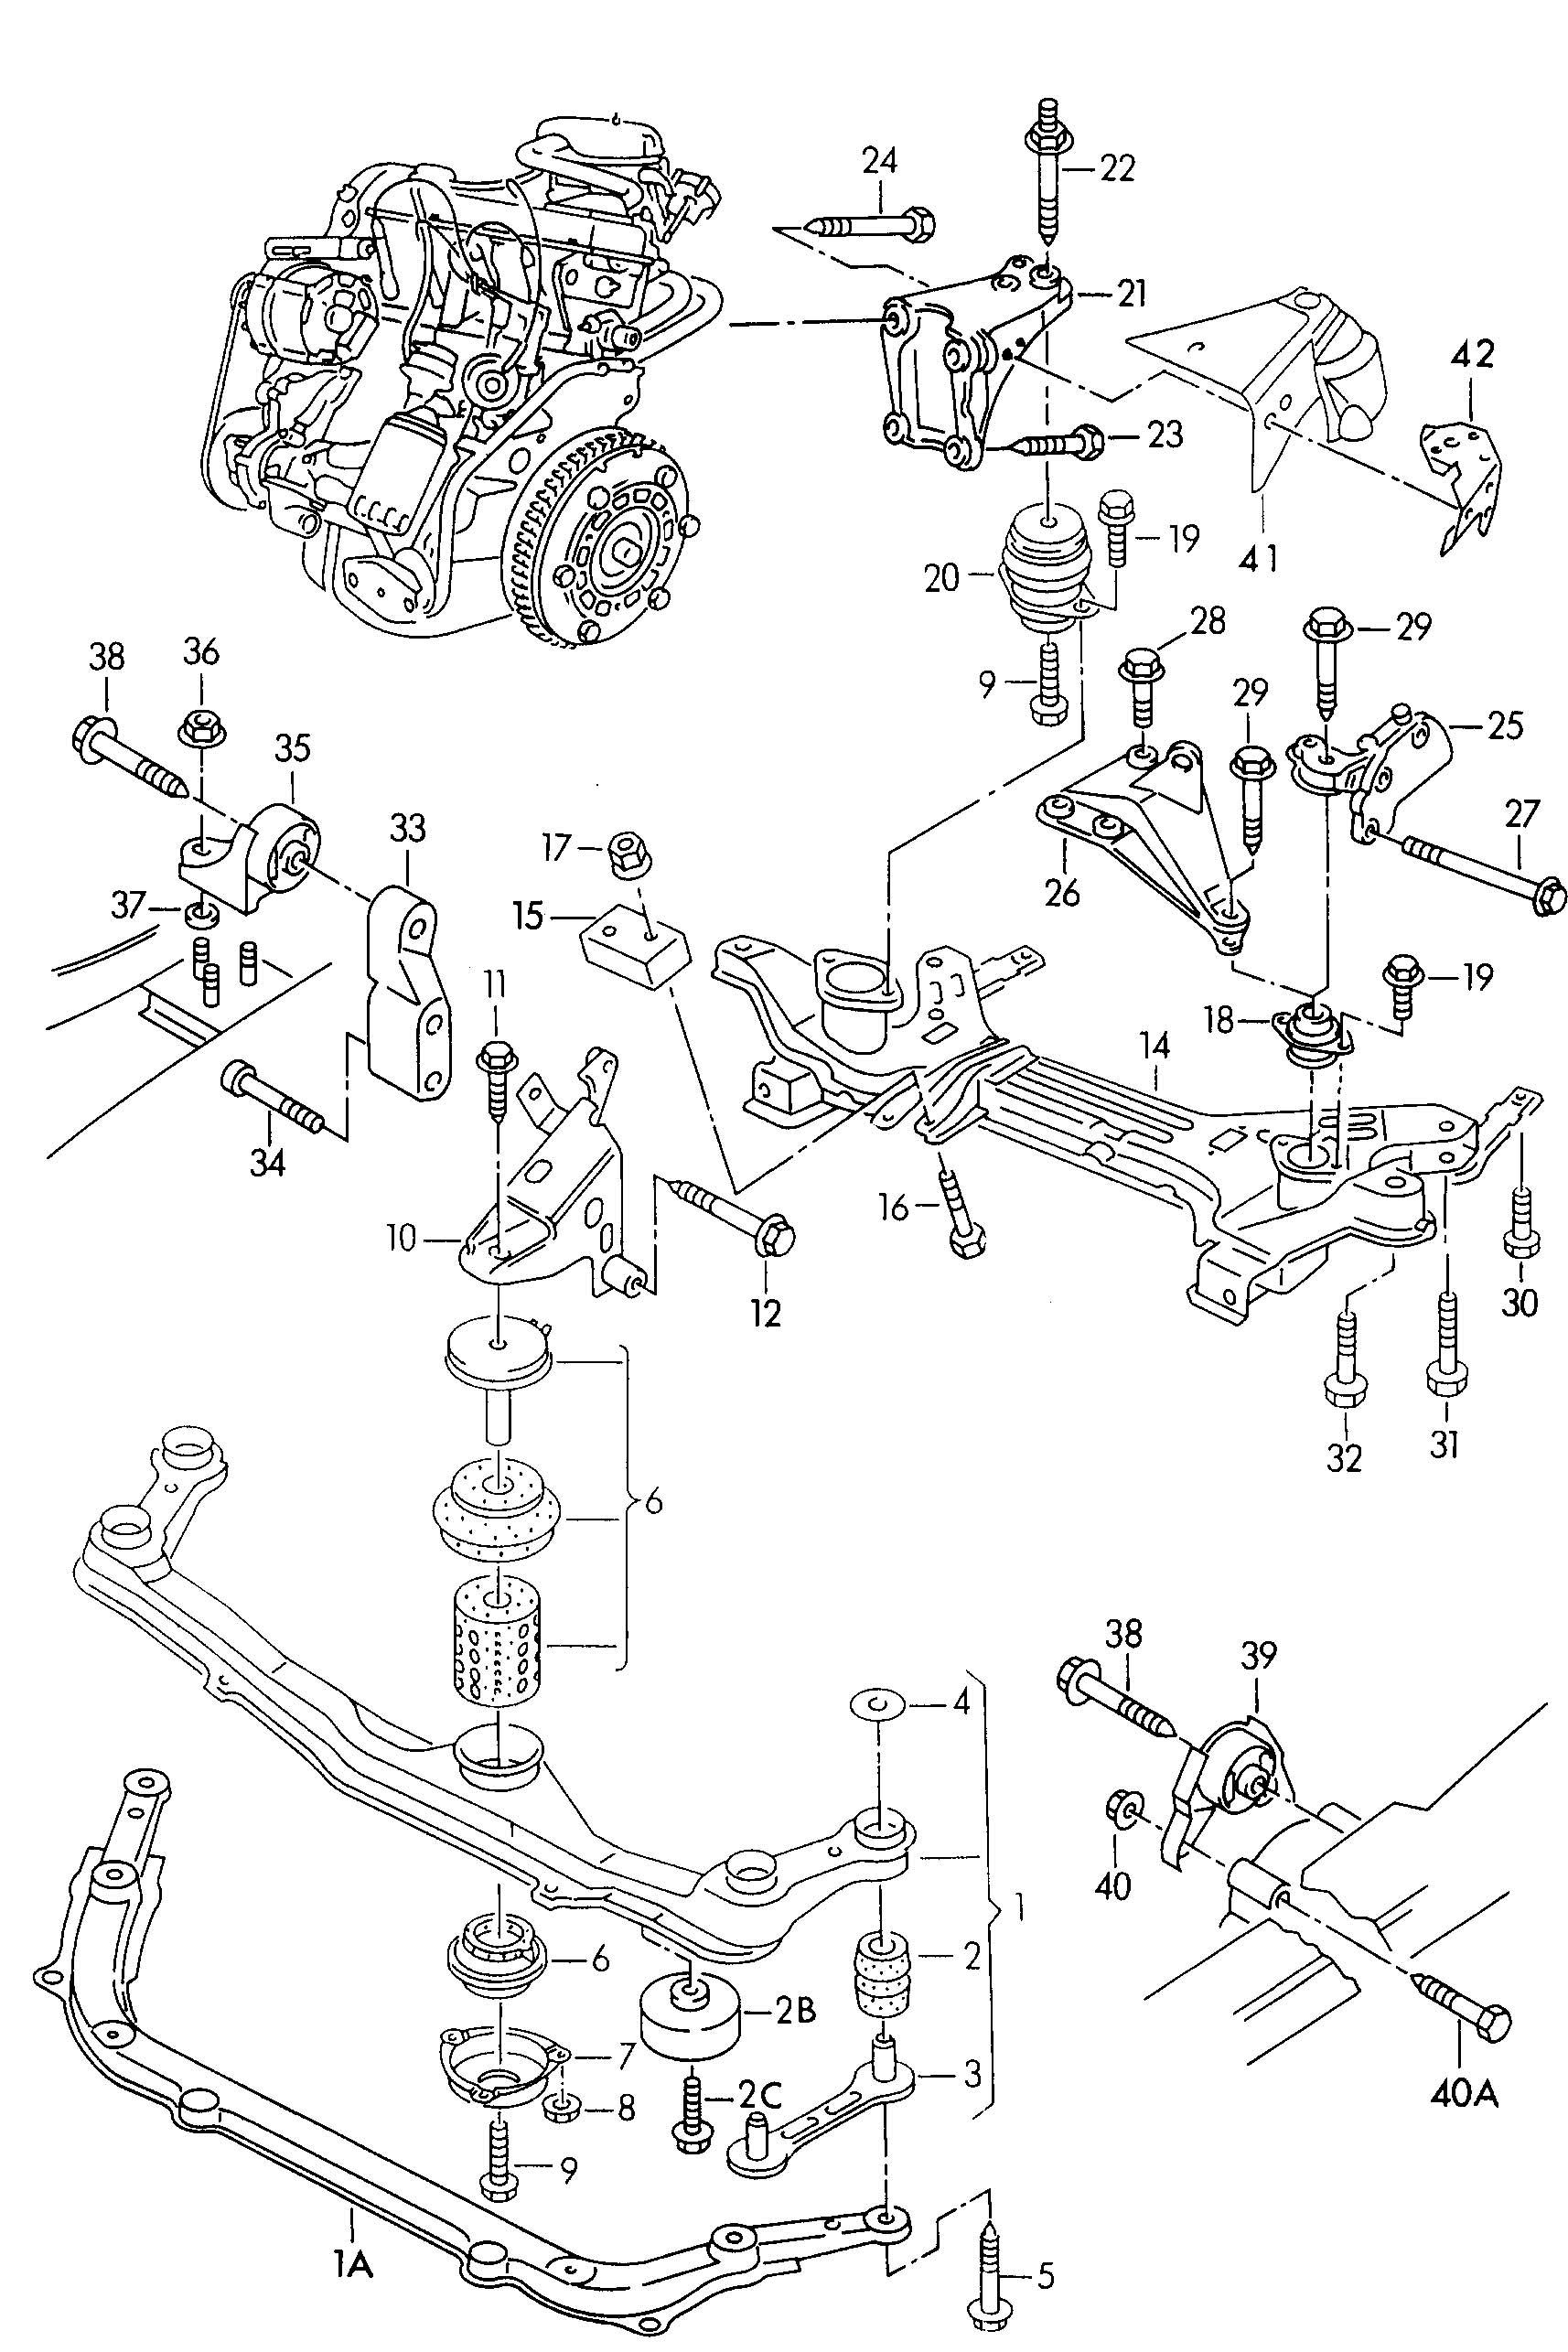 Volkswagen Cabrio/Cabriolet Bonded rubber mounting